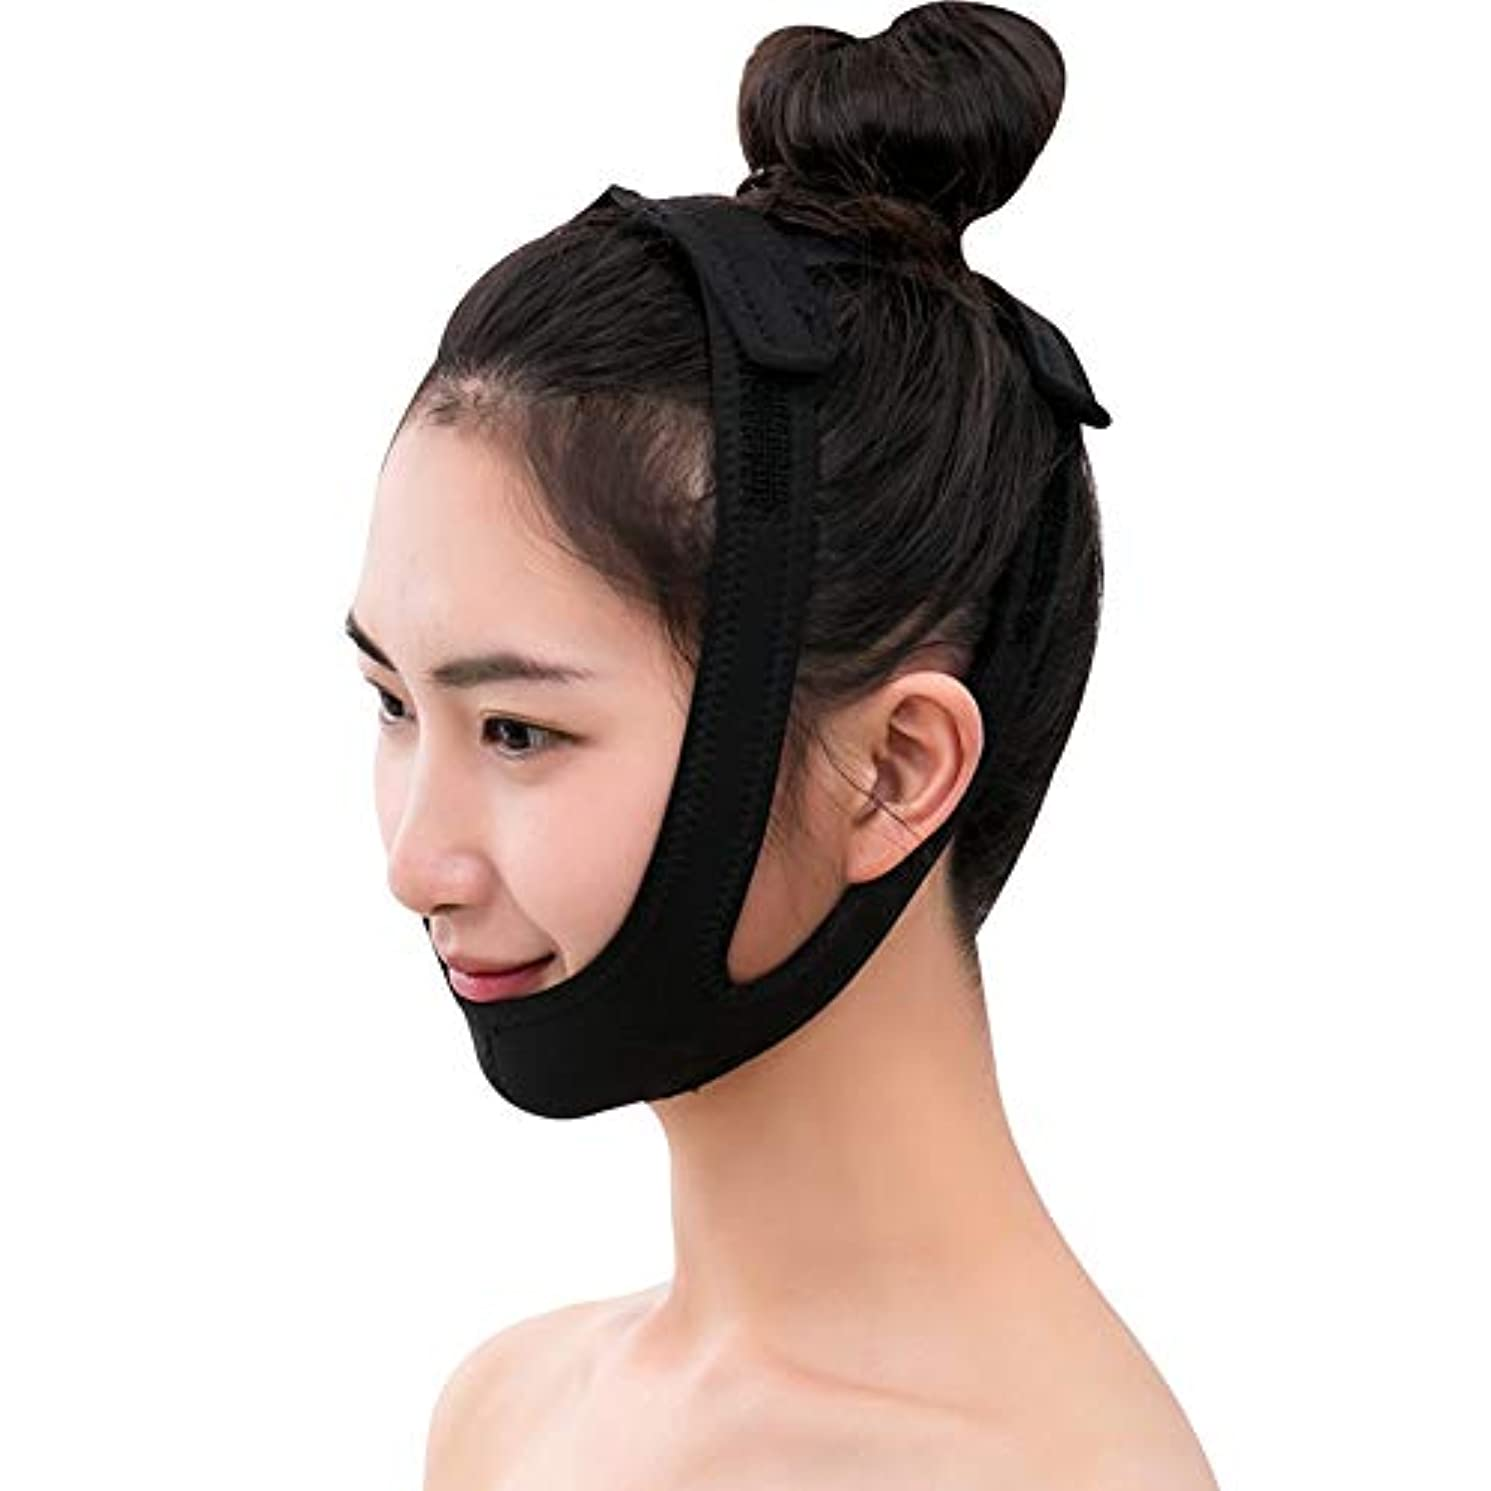 お別れウェイトレス他のバンドで薄いフェイスバンド - 薄い顔の包帯ビューティーインストゥルメントフェイシャルリフト睡眠マスク法Vフェイスマスクの通気性を作る 美しさ